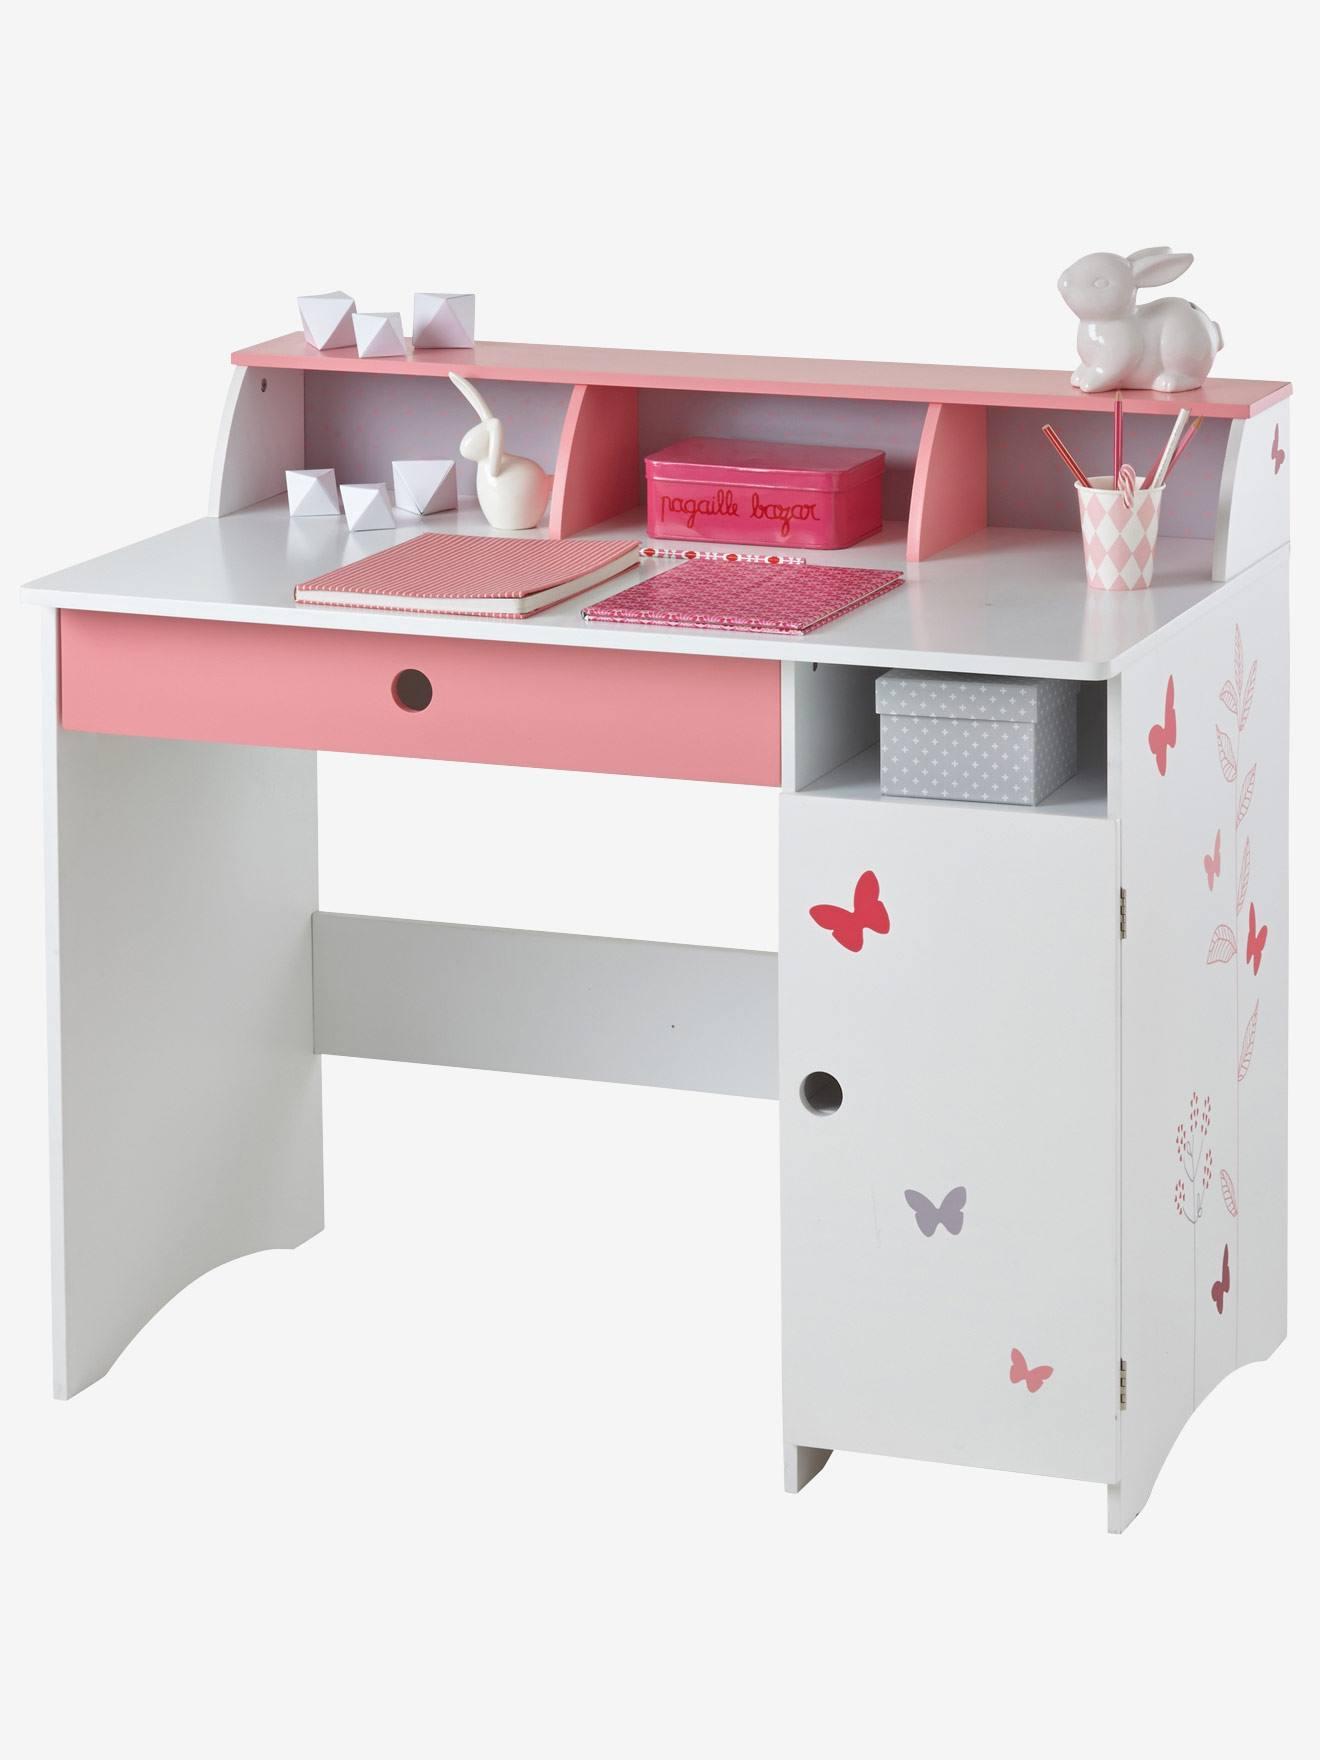 Meubles et linge de lit,Meubles,Bureau, table,Bureau spécial primaire LIGNE